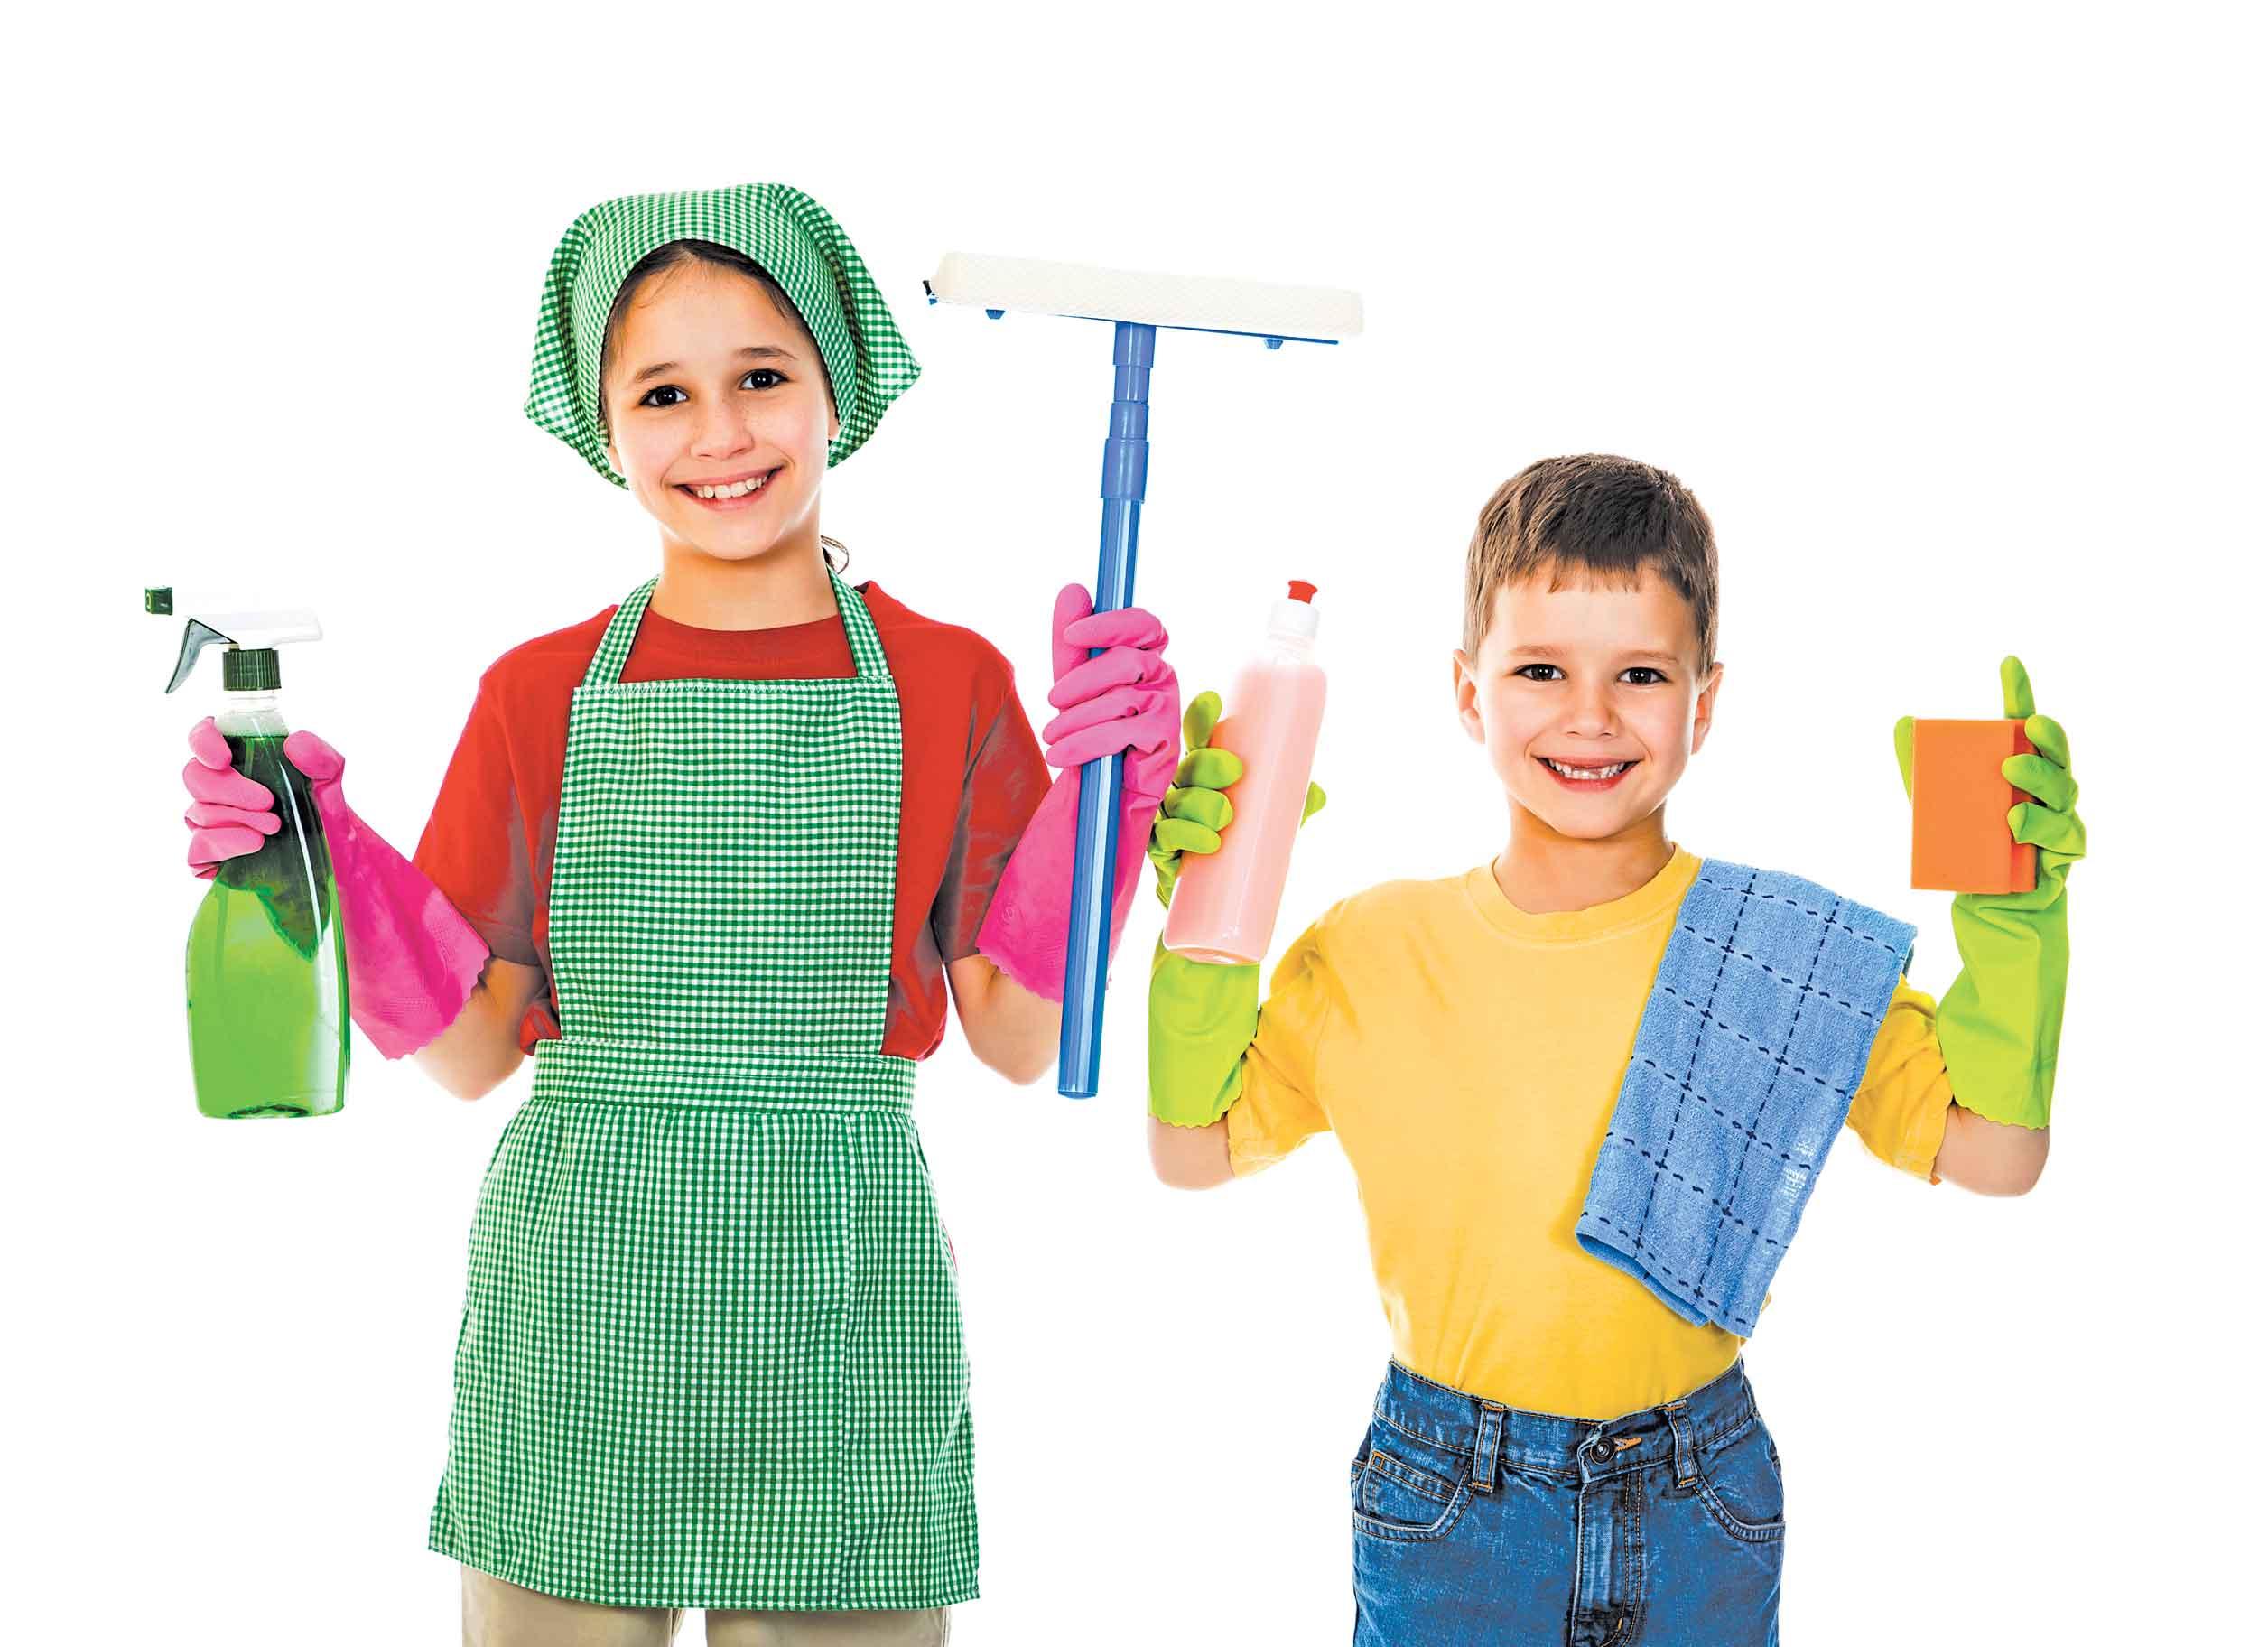 للاستفادة من الأجازة أشركي أطفالك في الأعمال المنزلية وفقًا لأعمارهم